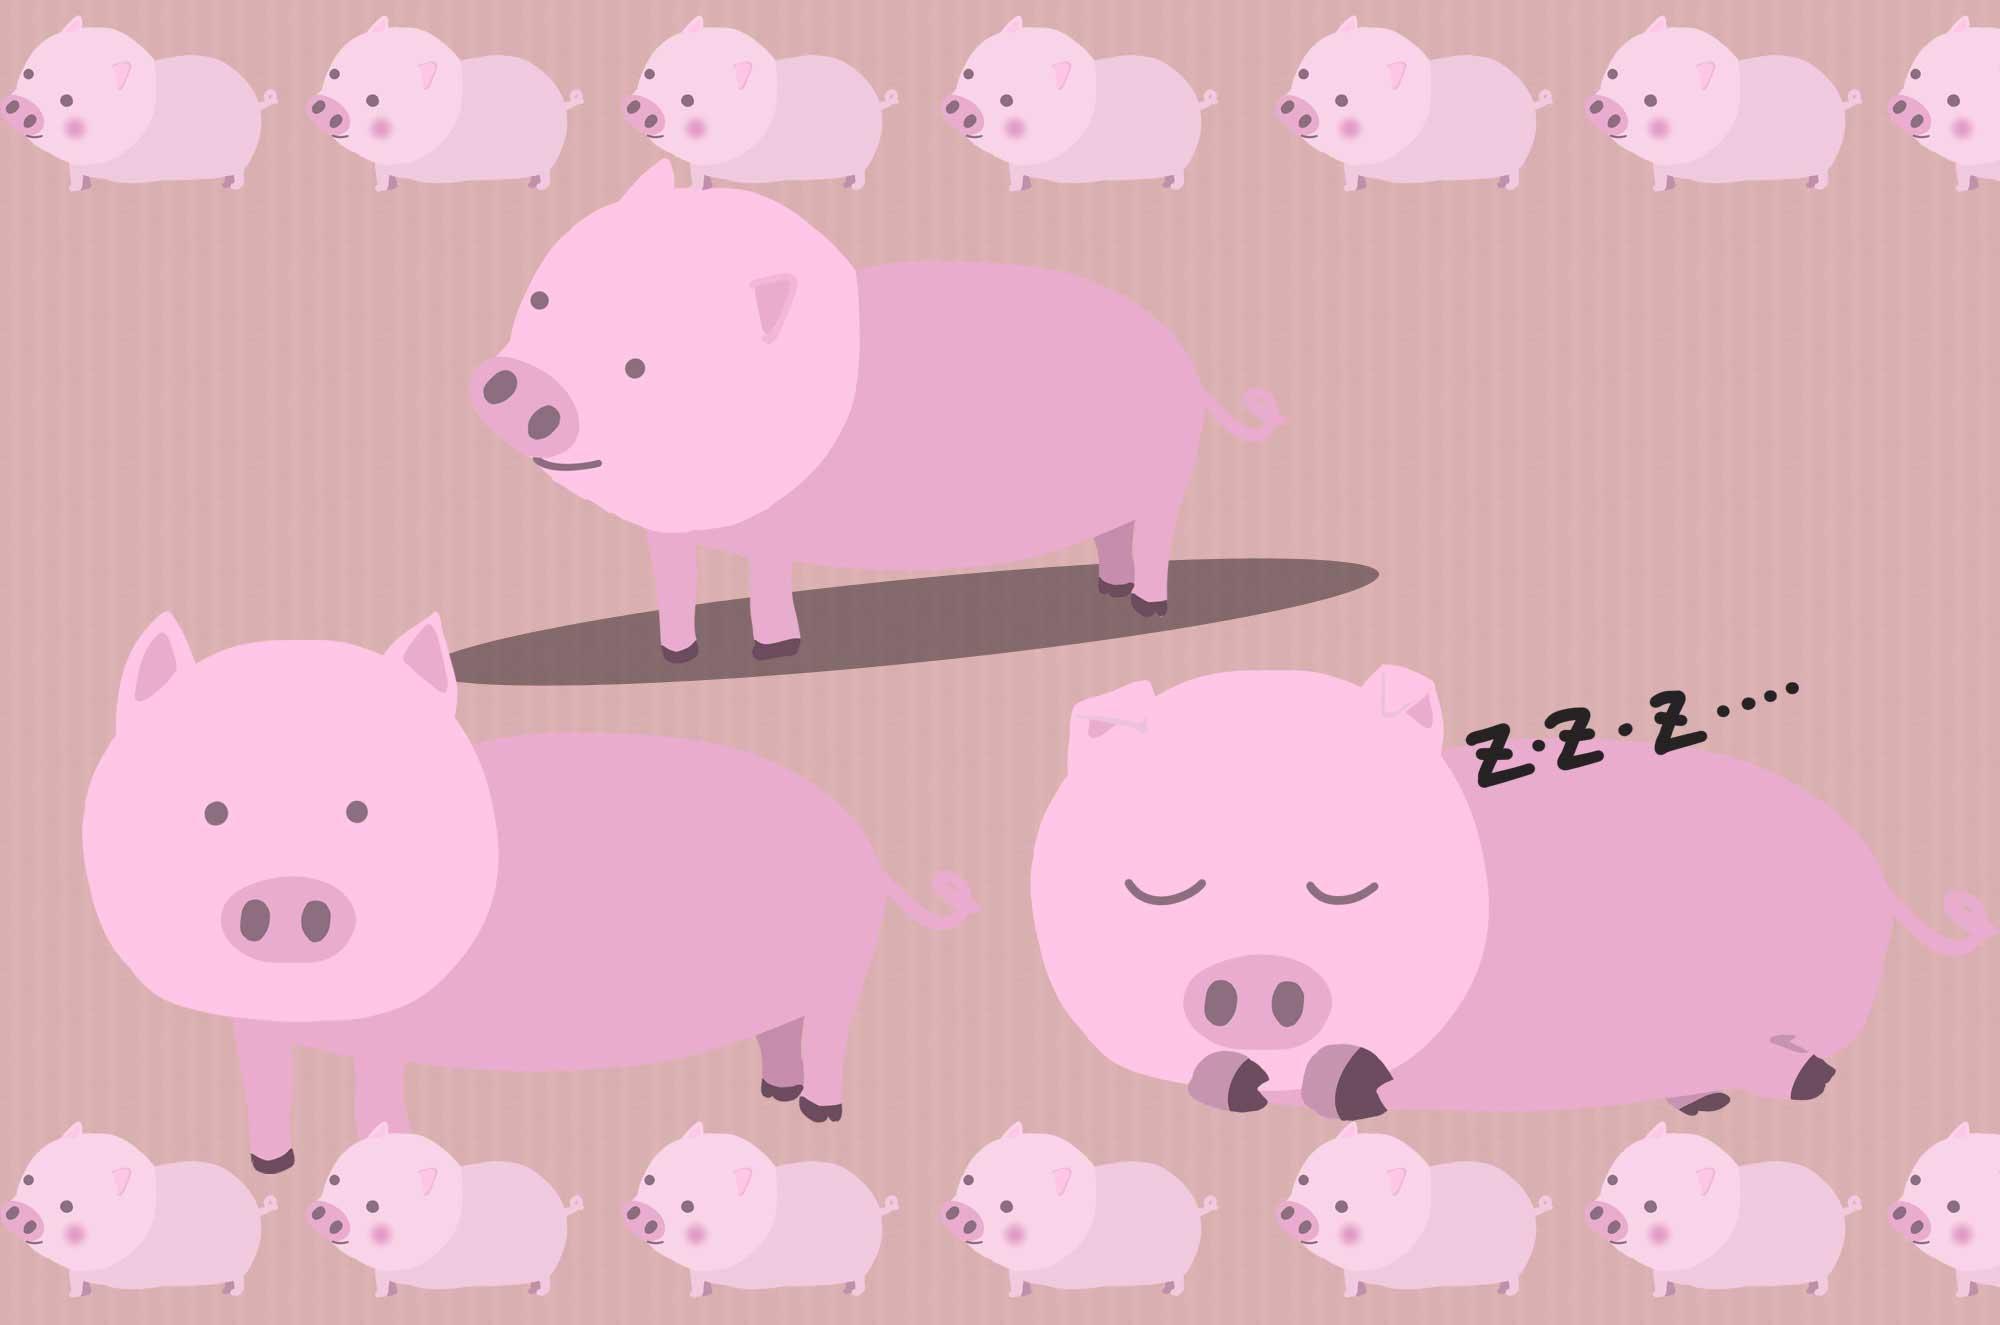 豚イラスト - 手書きのかわいい動物フリー画像素材 - チコデザ